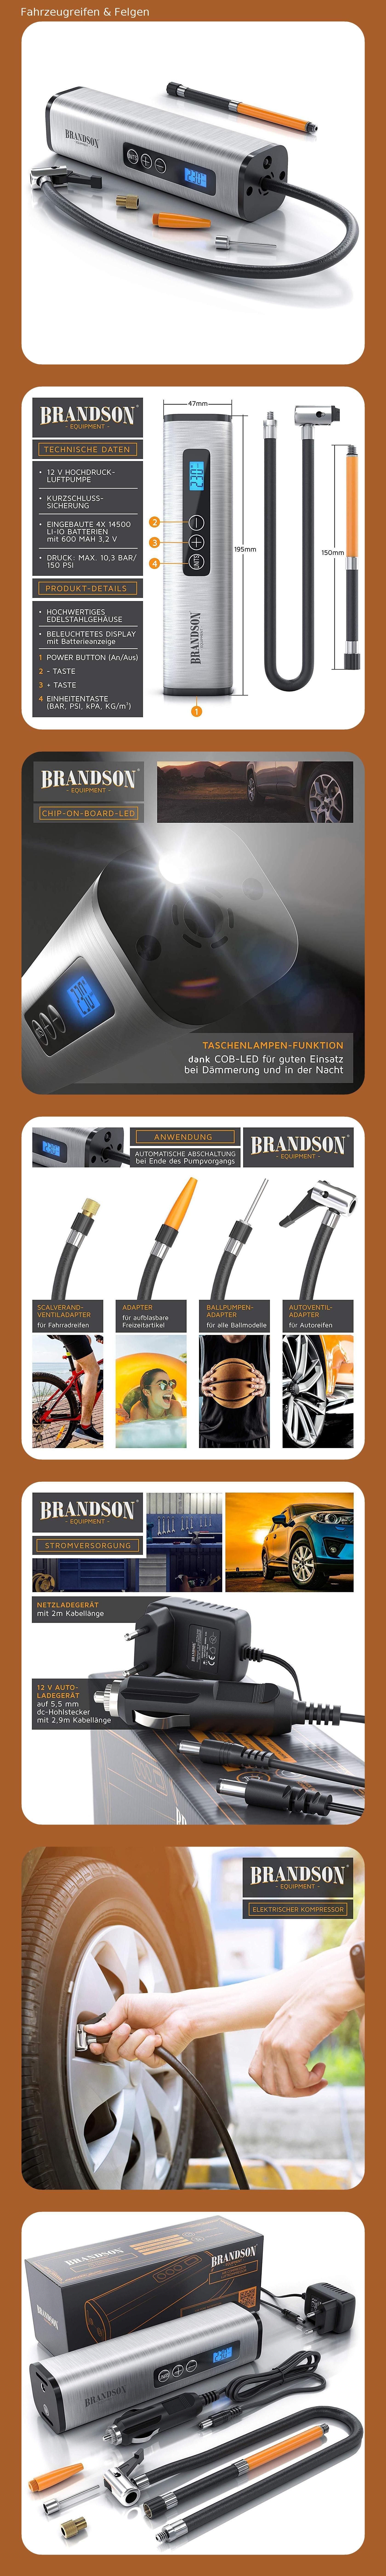 Kompressor 12 V AC//DC 10,3 bar 150 Psi Brandson Luftkompressor LCD Display Netzteil und Autoadapter Fahrrad- Motorrad- und Autoreifen Luftmatratzen uvm. elektrische Luftpumpe